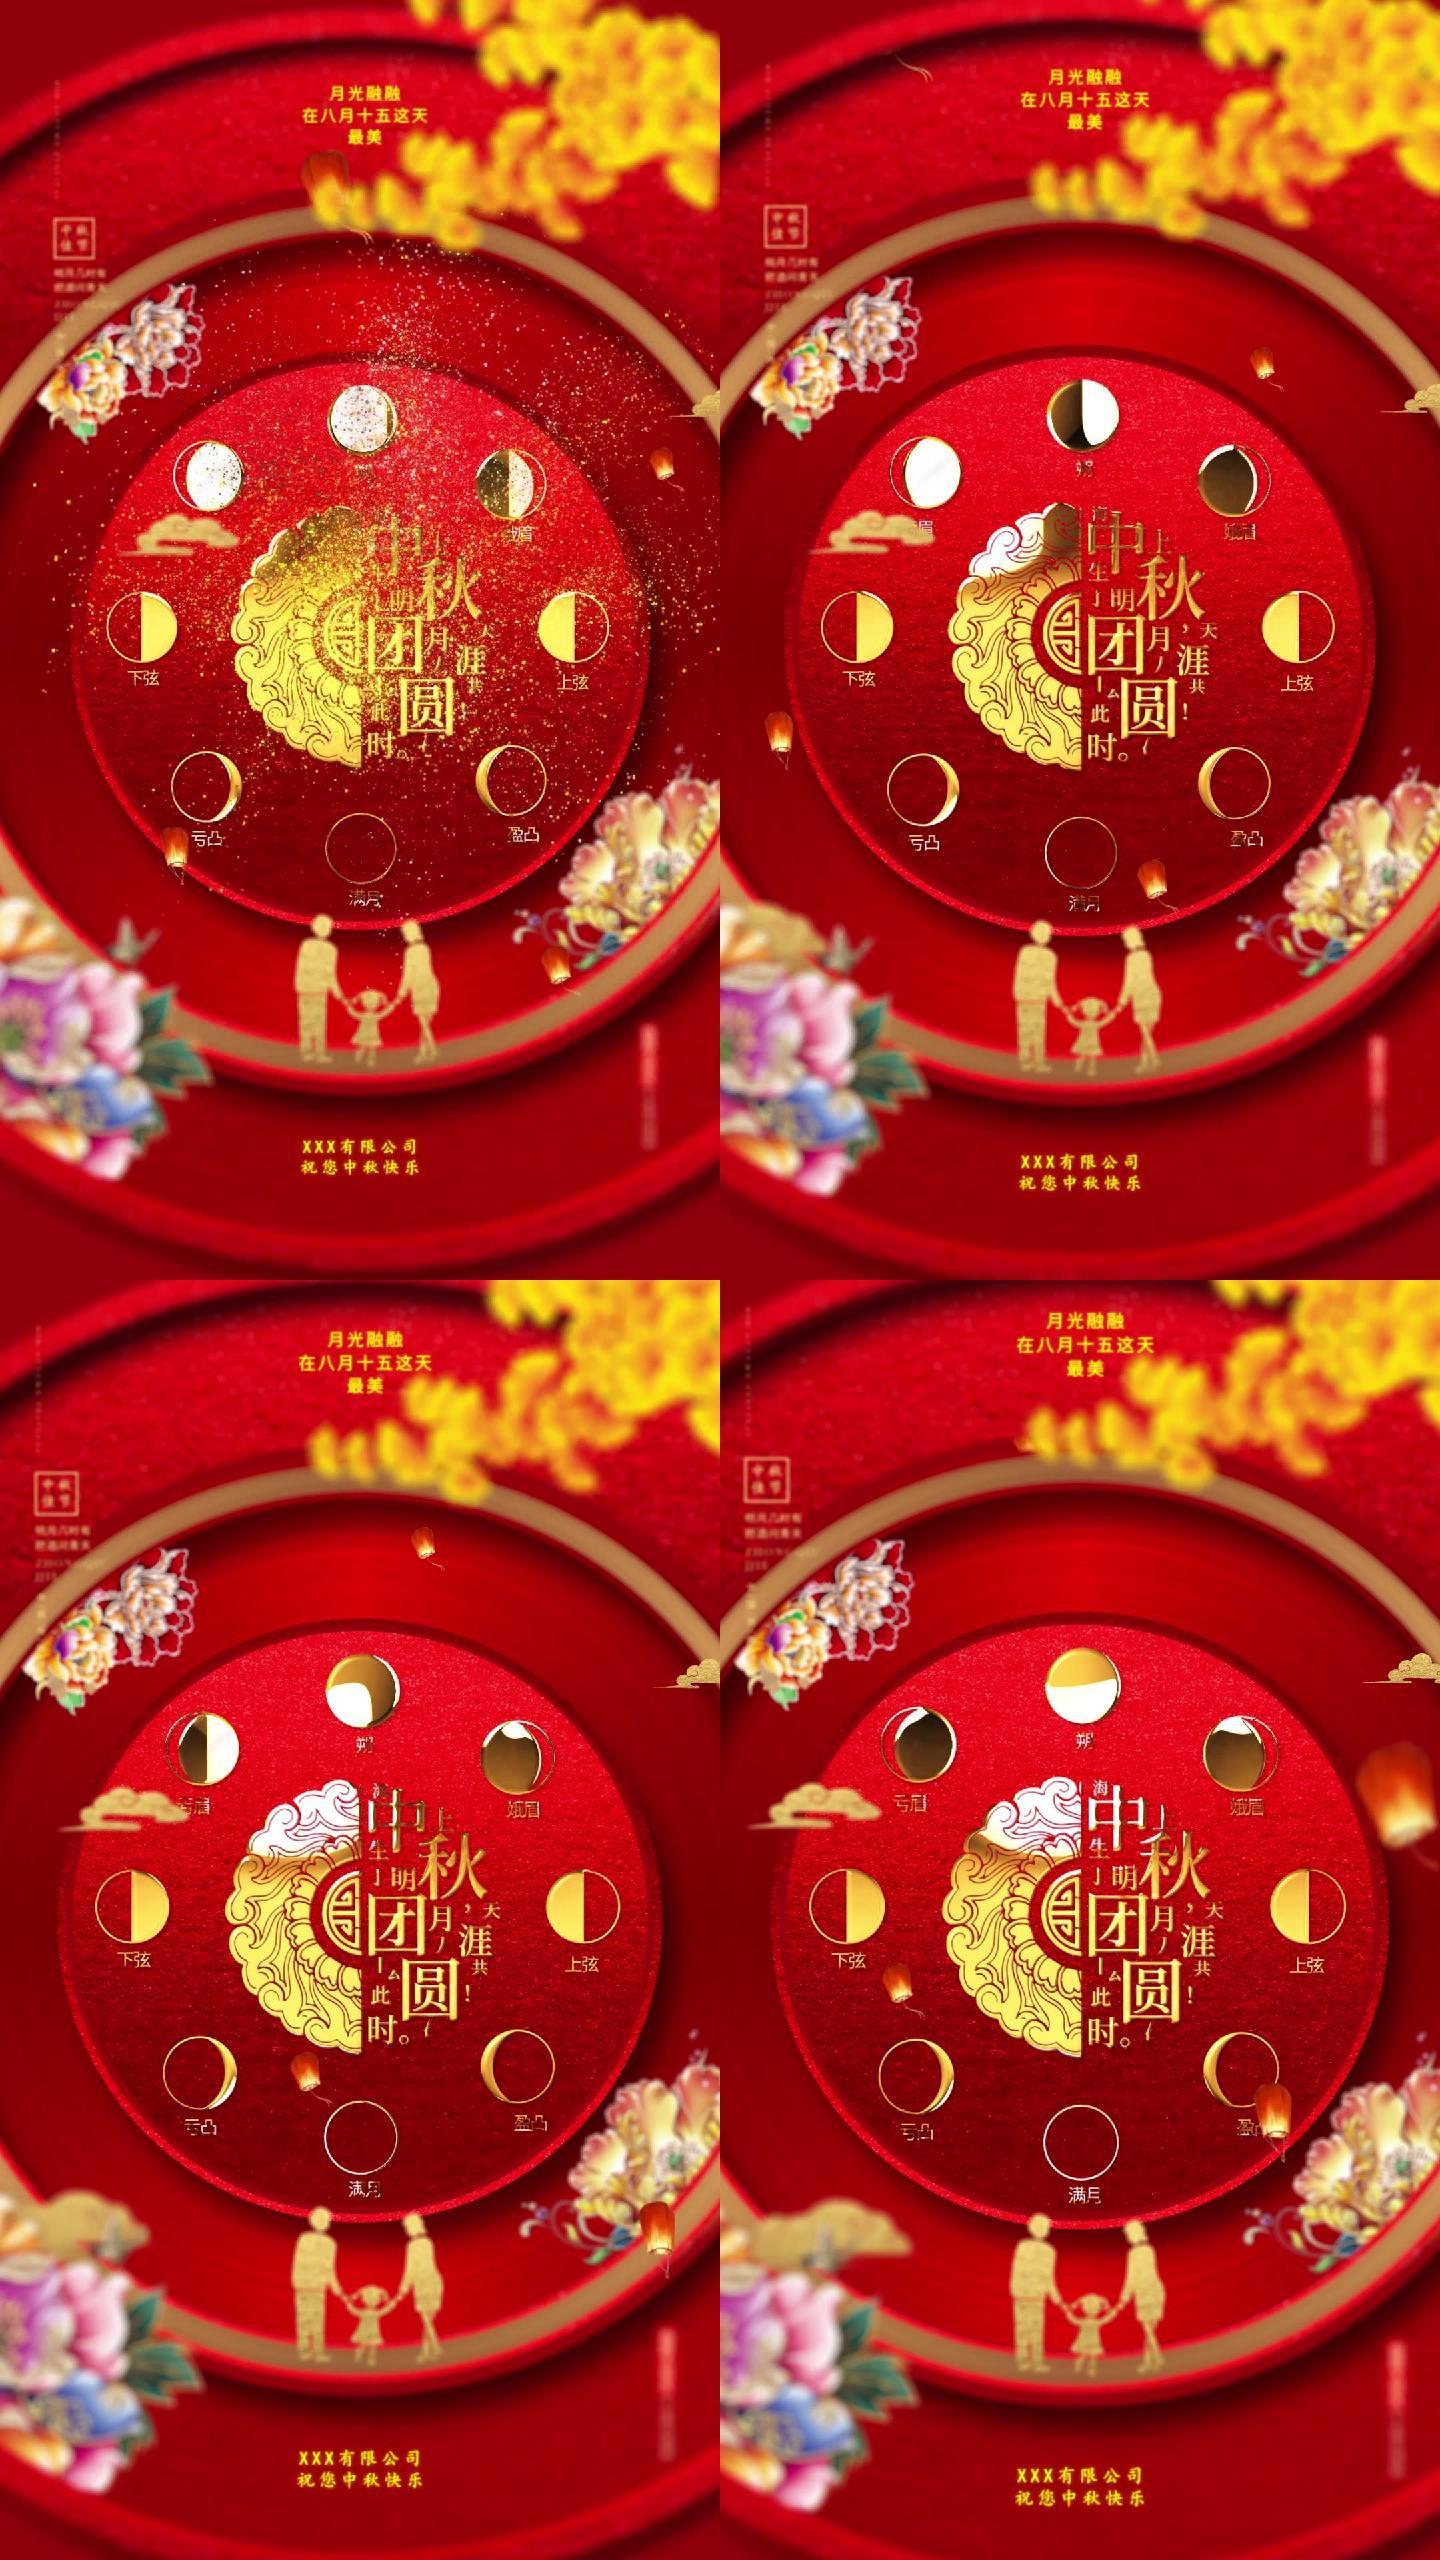 八月十五中秋节竖版朋友圈模板